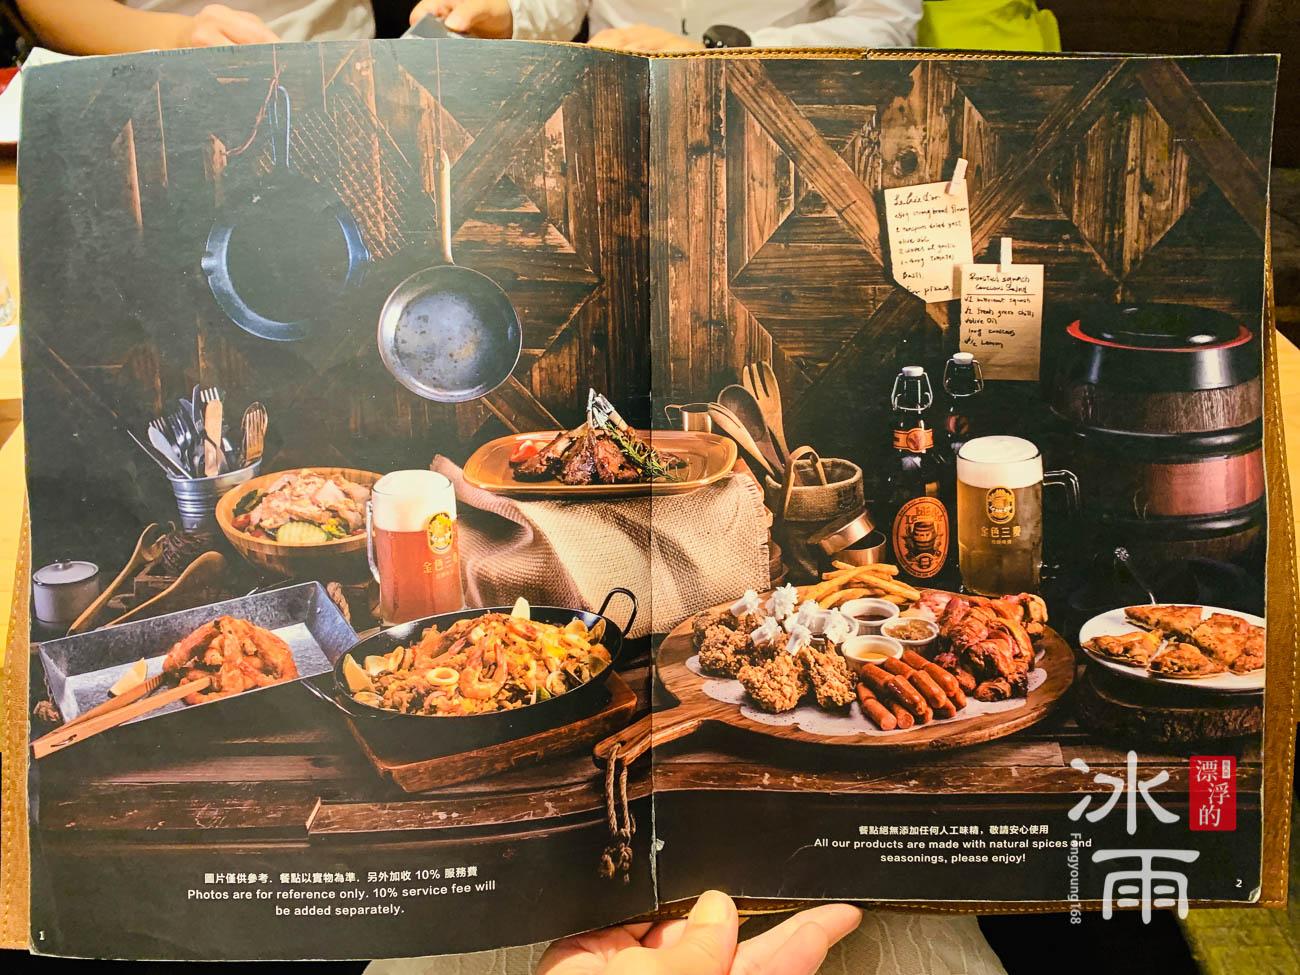 金色三麥大遠百店菜單內頁,有非常豐富的餐點種類